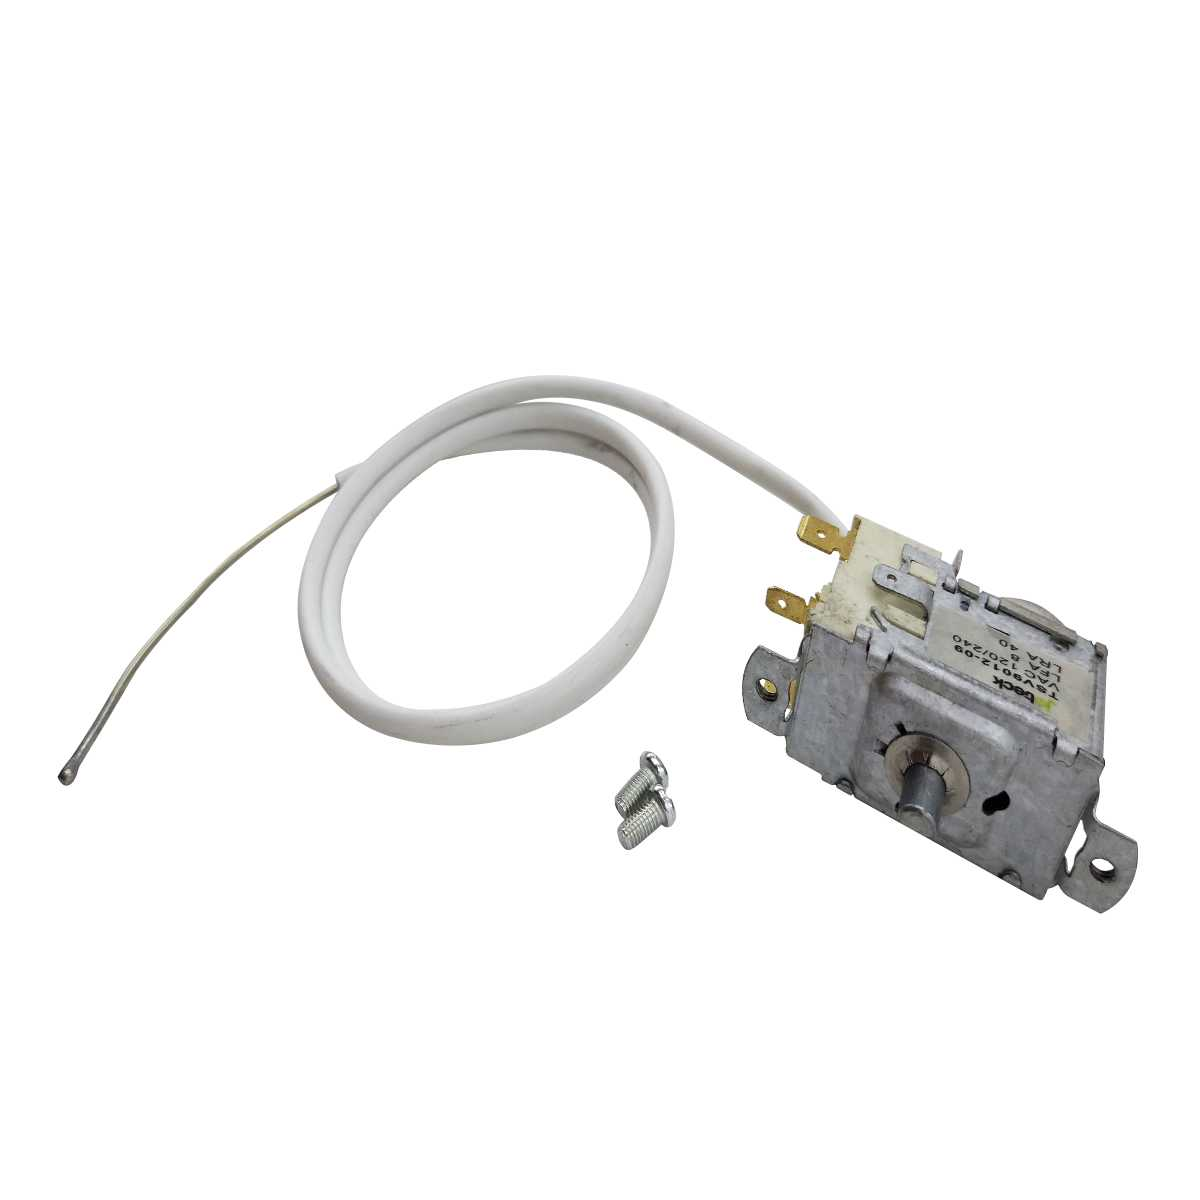 Termosrtato geladeira Electrolux TSV9012-09 DC34A DC35A DC33A